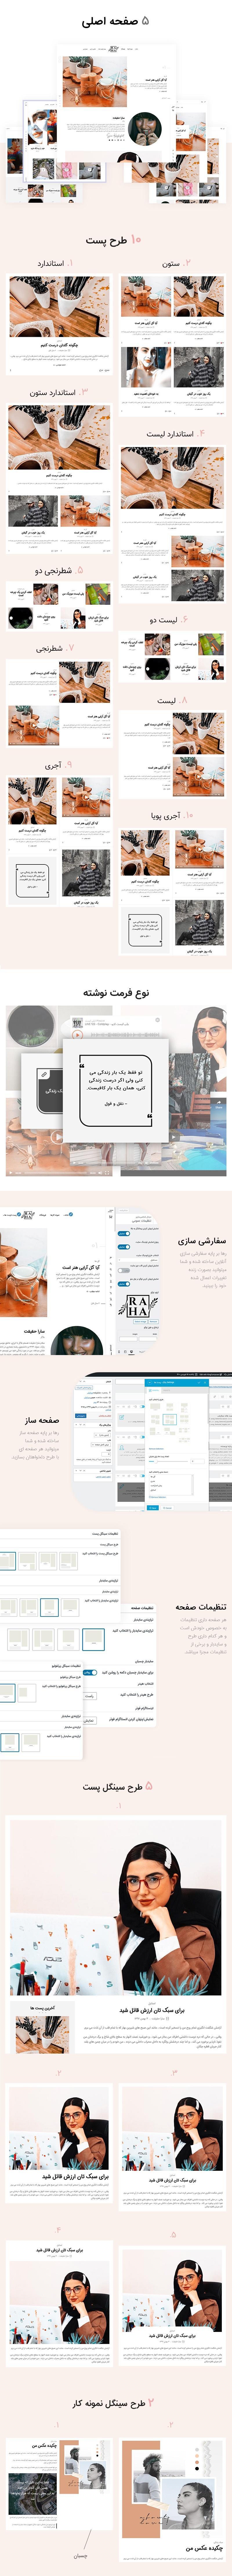 معرفی قالب وبلاگی ایرانی Raha